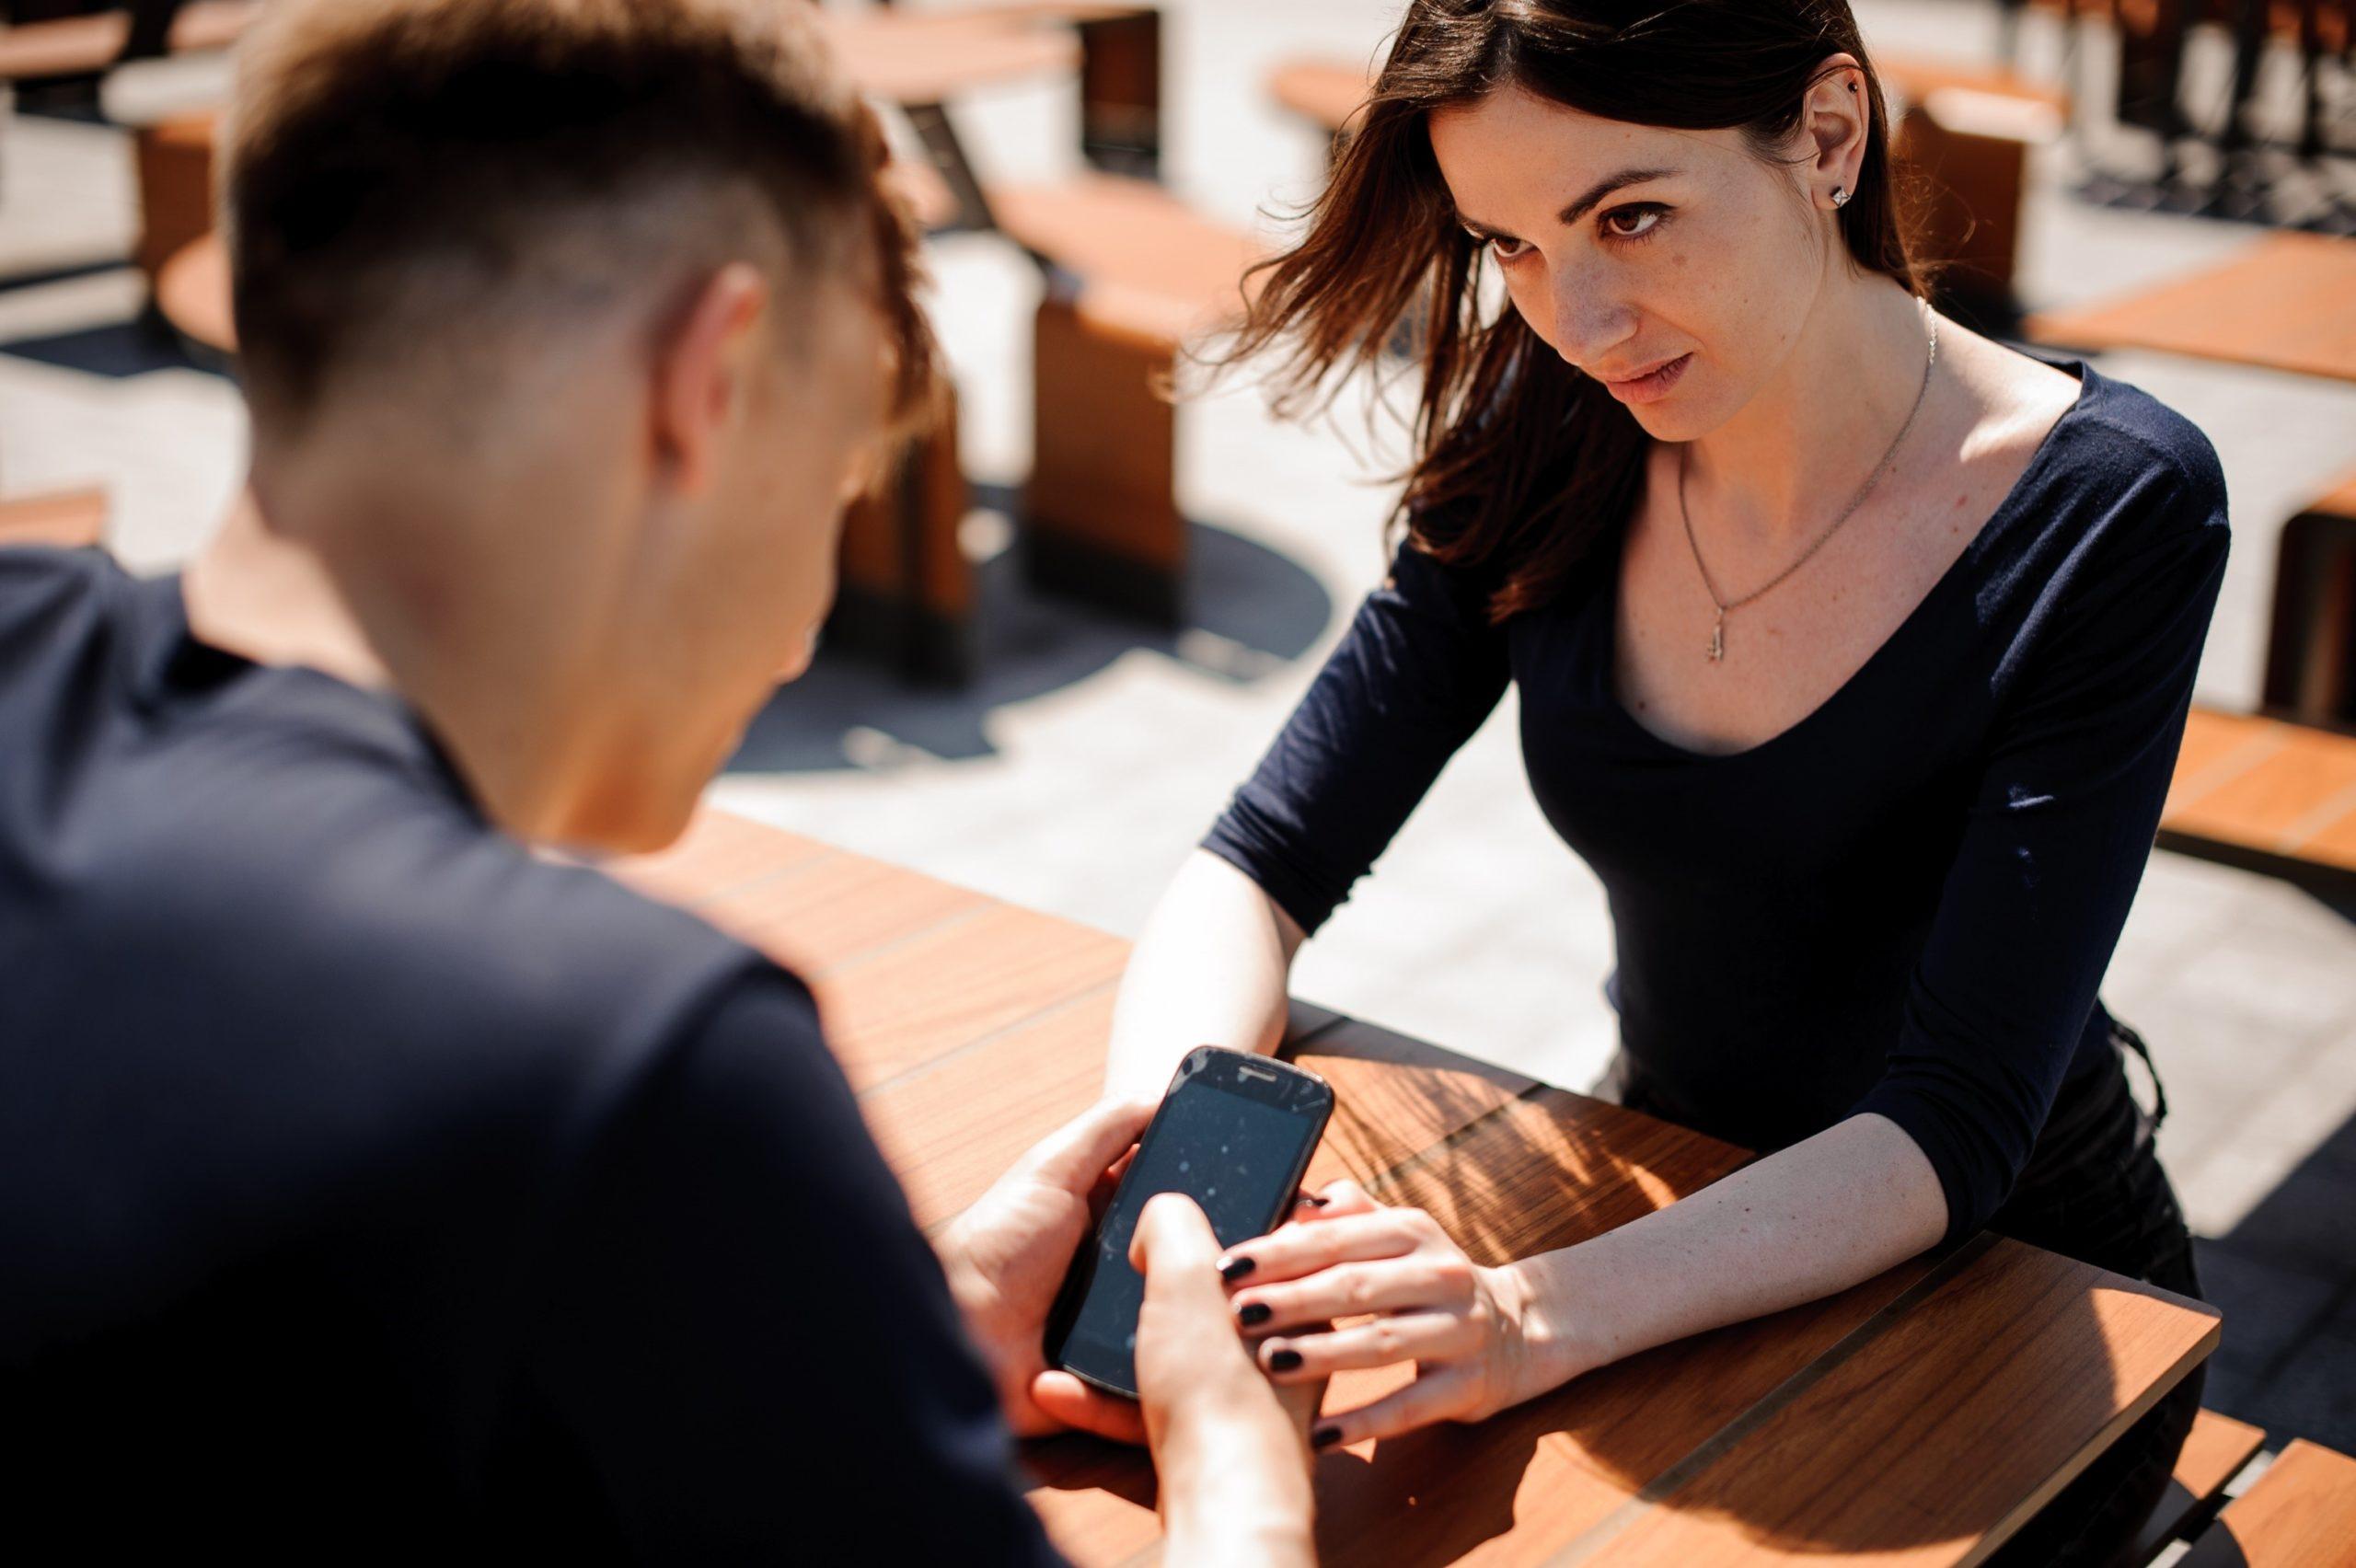 Переписки мужа: стоит ли отслеживать и как на них реагировать